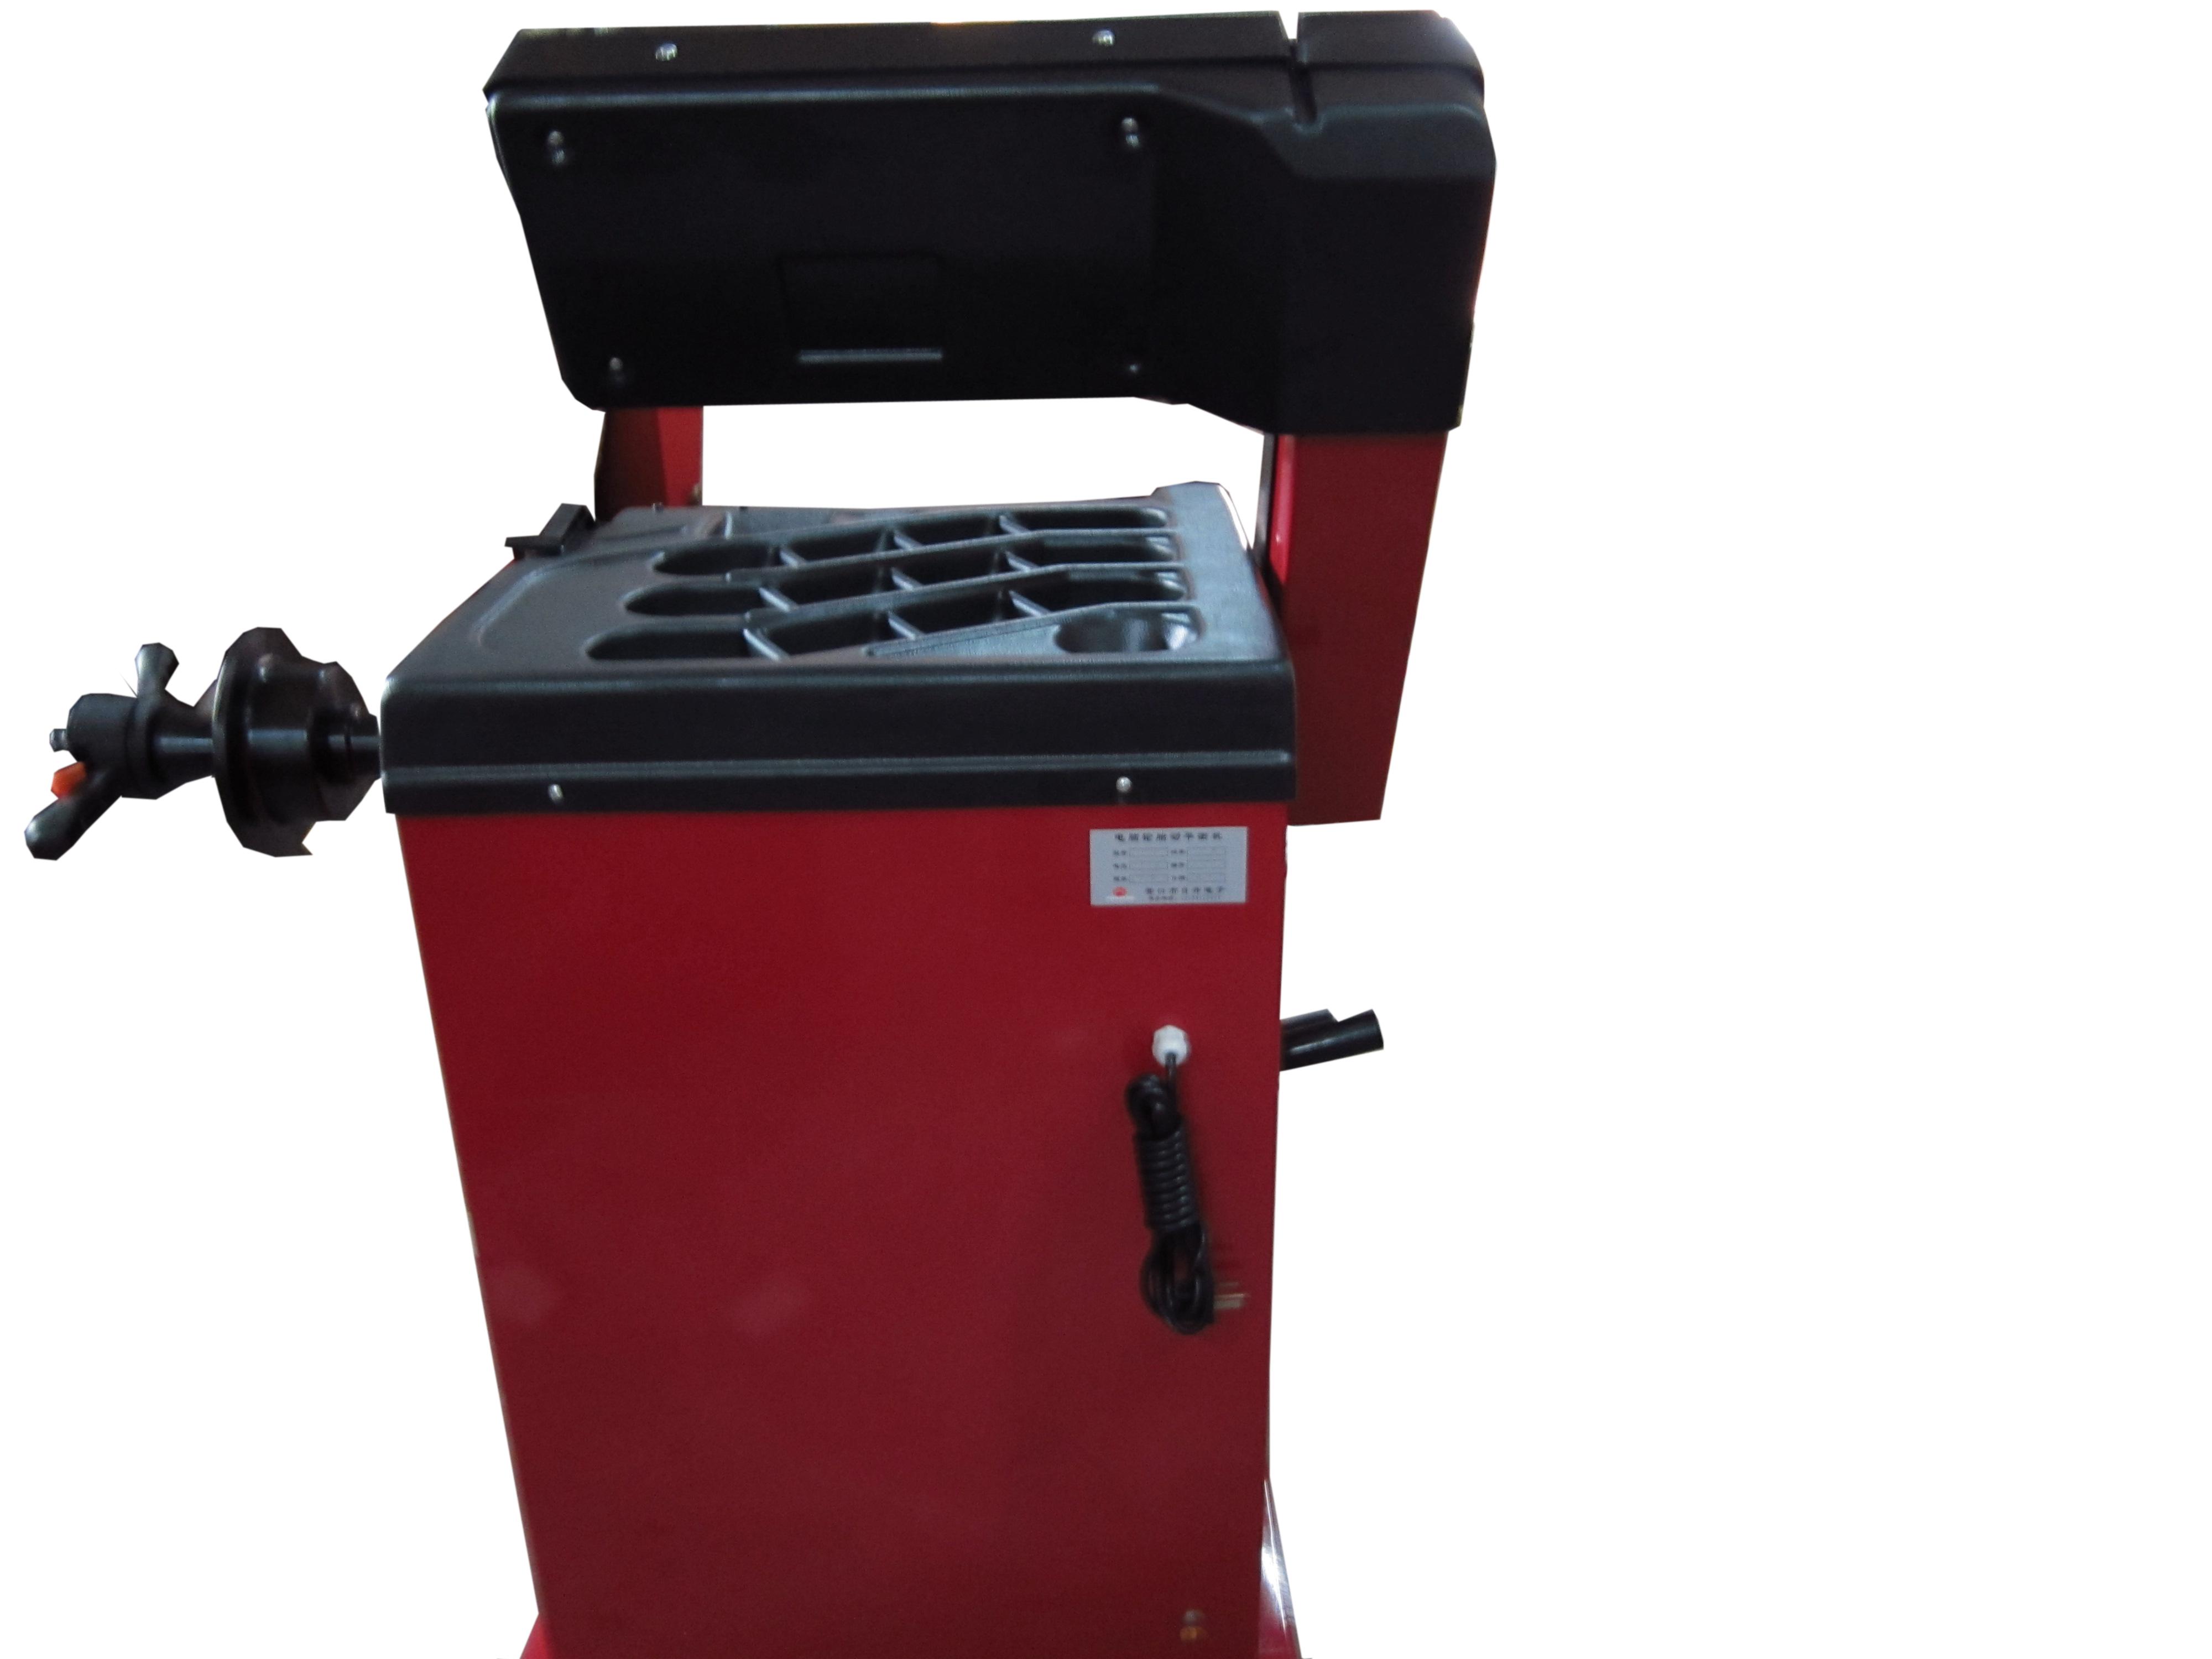 厂家直销长虹汽保SBM99型汽车轮胎平衡机设备适用于轿车和卡车